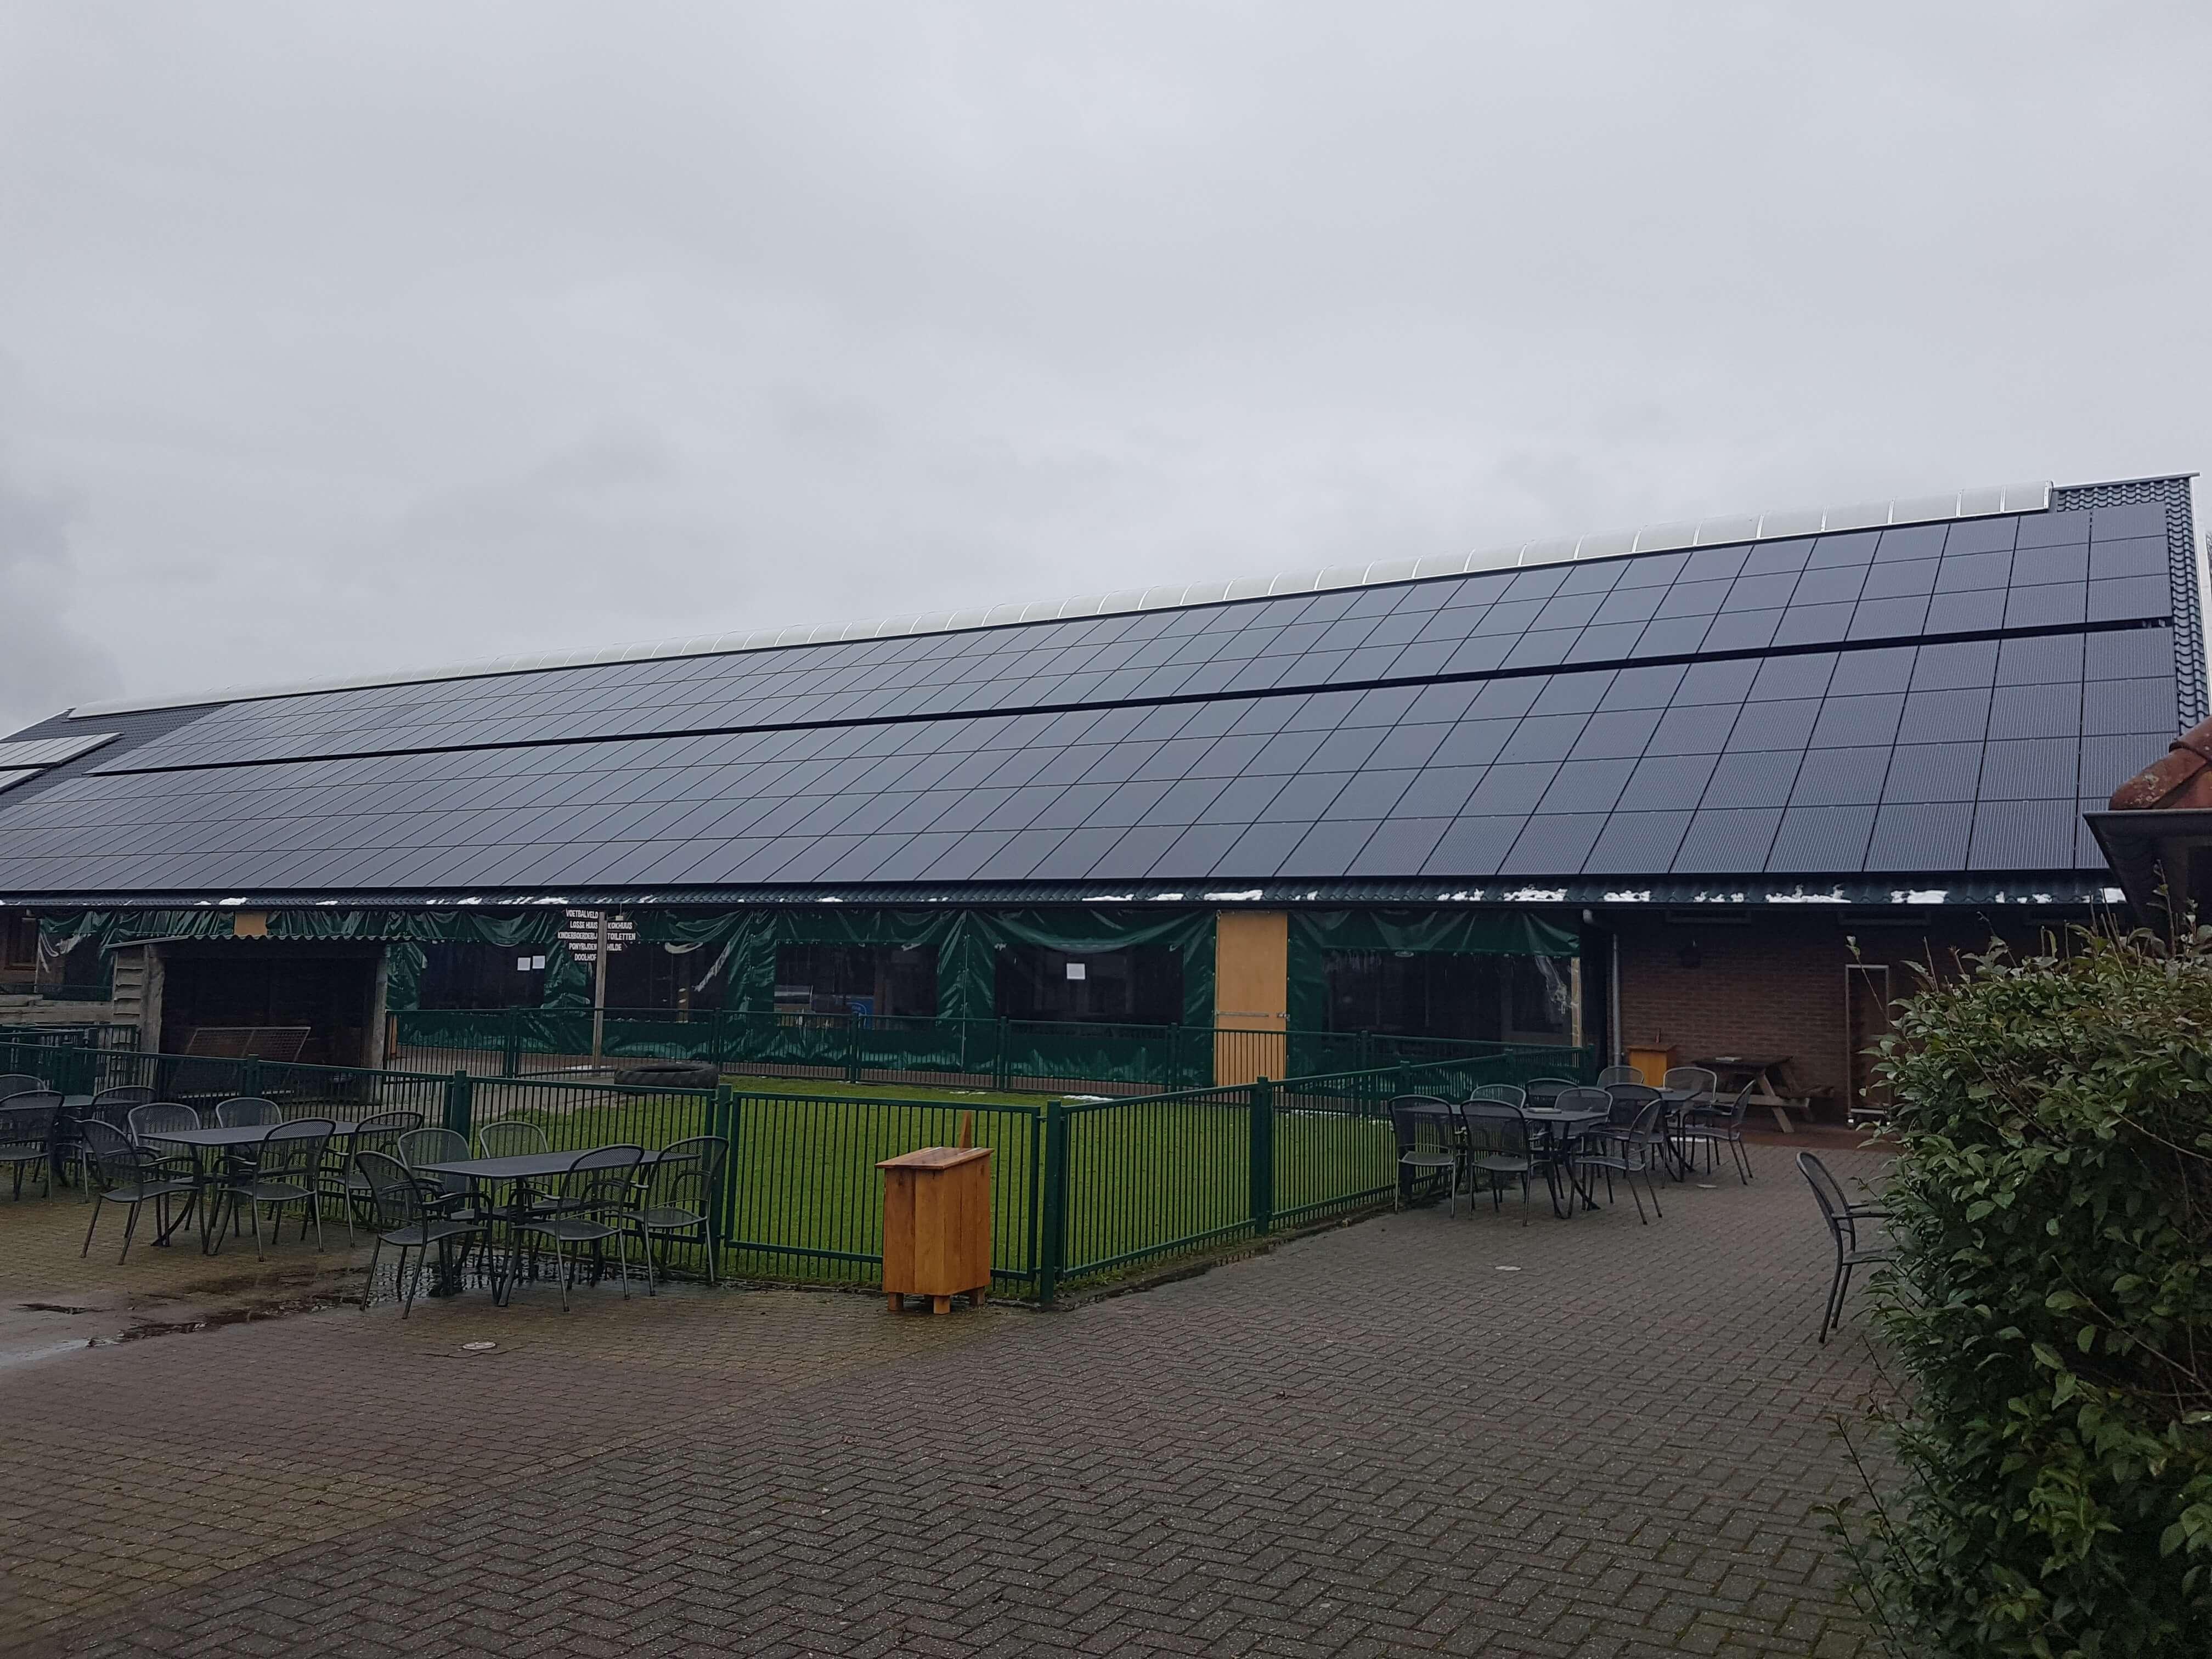 Veldman_duurzameenergie_deflierefluiter